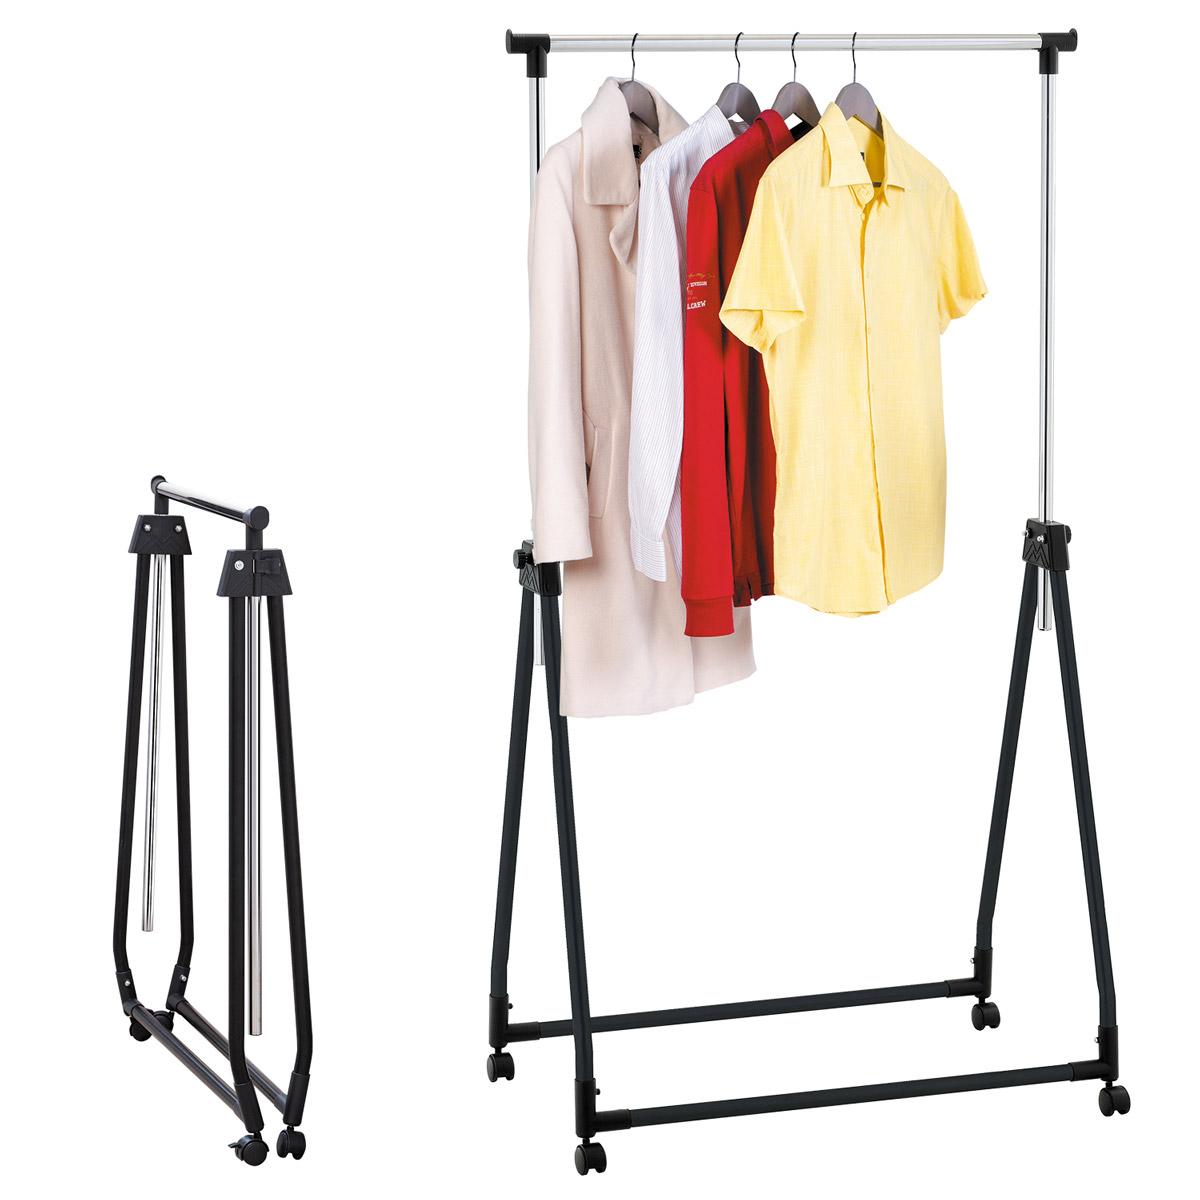 Стойка для одежды Tatkraft Halland, складная, высота 99 см - 167 смБрелок для ключейСтойка для одежды Tatkraft Halland изготовлена из хромированной стали. На такую стойку удобно вешать одежду, при этом стойка не займет много места. Высота регулируемая, от 99 см до 167 см. Для удобного хранения и перемещения, стойка имеет складную конструкцию и 4 колесика. Практичная и стильная стойка займет достойное место в вашем доме. Размер стойки в сложенном виде: 89 см х 11 х 99 см.Размер в разложенном виде: 89 см х 49 см х 99-167 см.